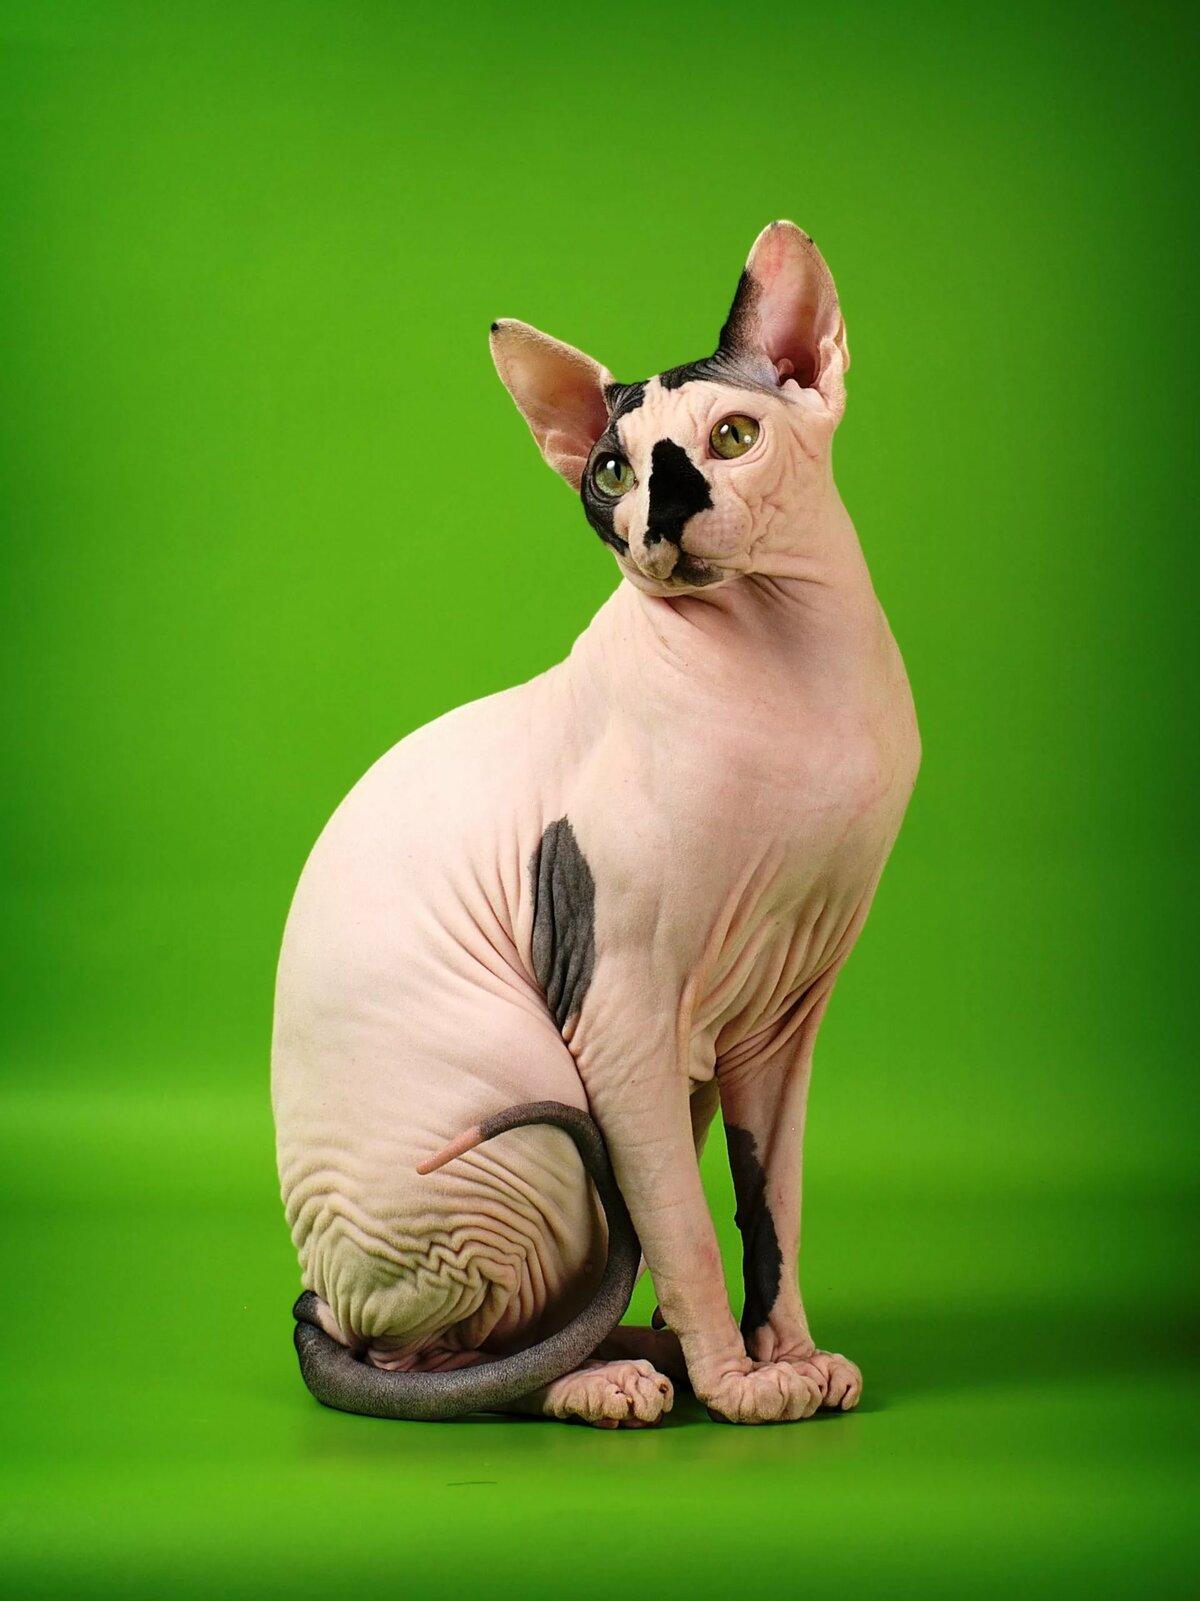 при картинки лысы котов невозможно спутать